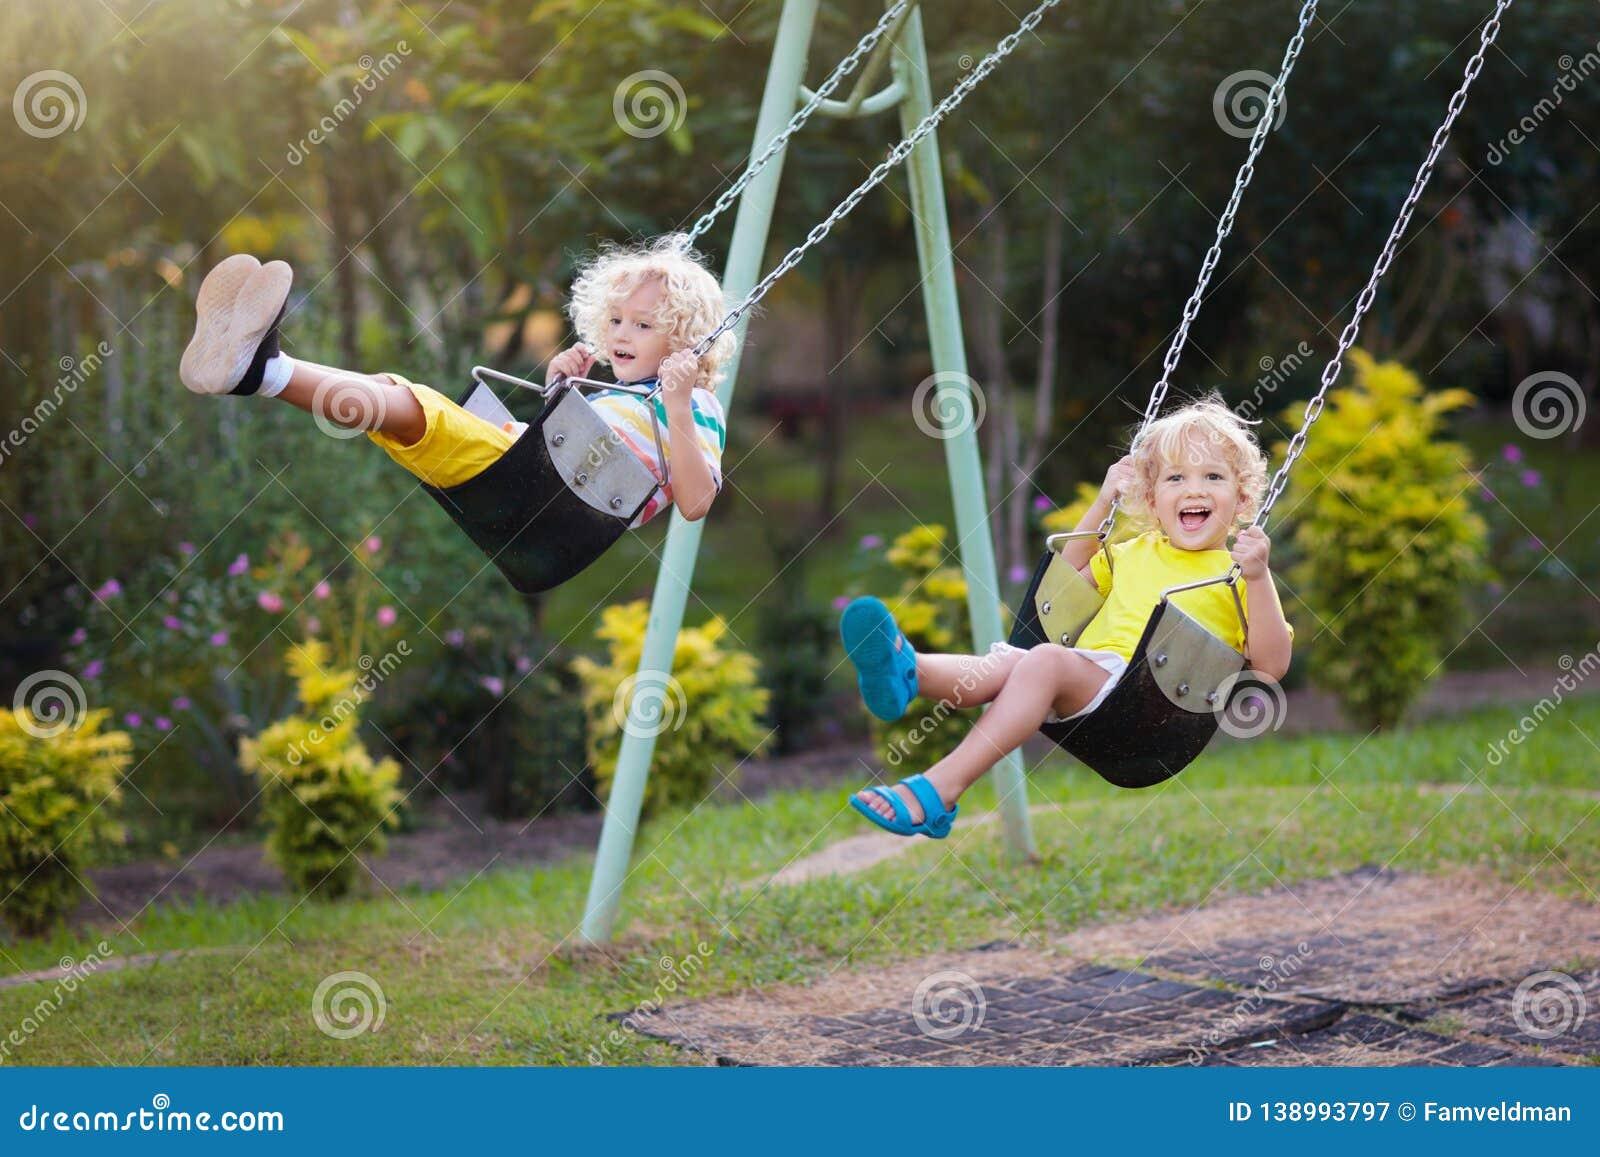 Kindergarten Outdoor Playground